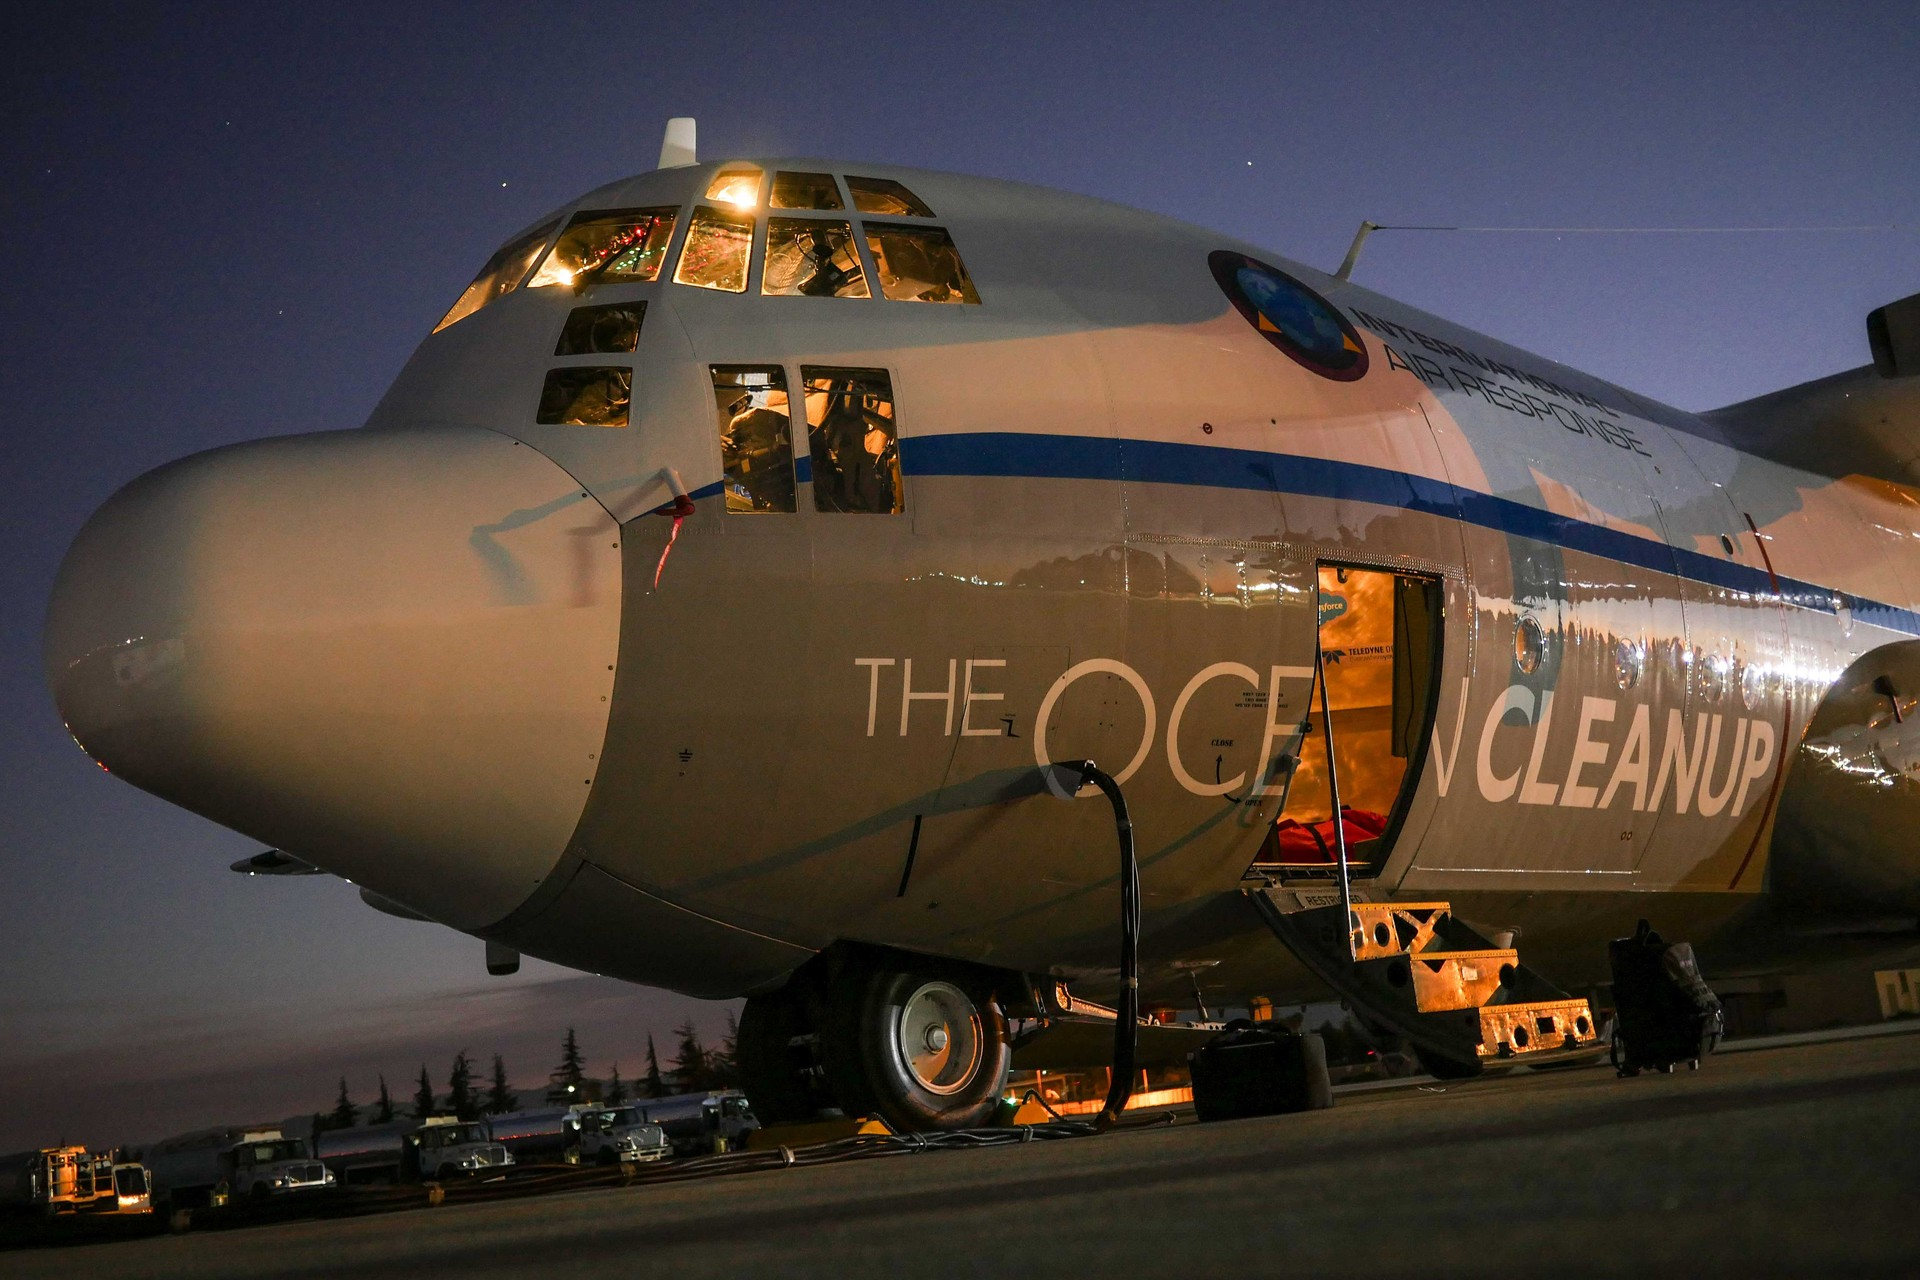 L'avion de reconnaissance de The Ocean Cleanup